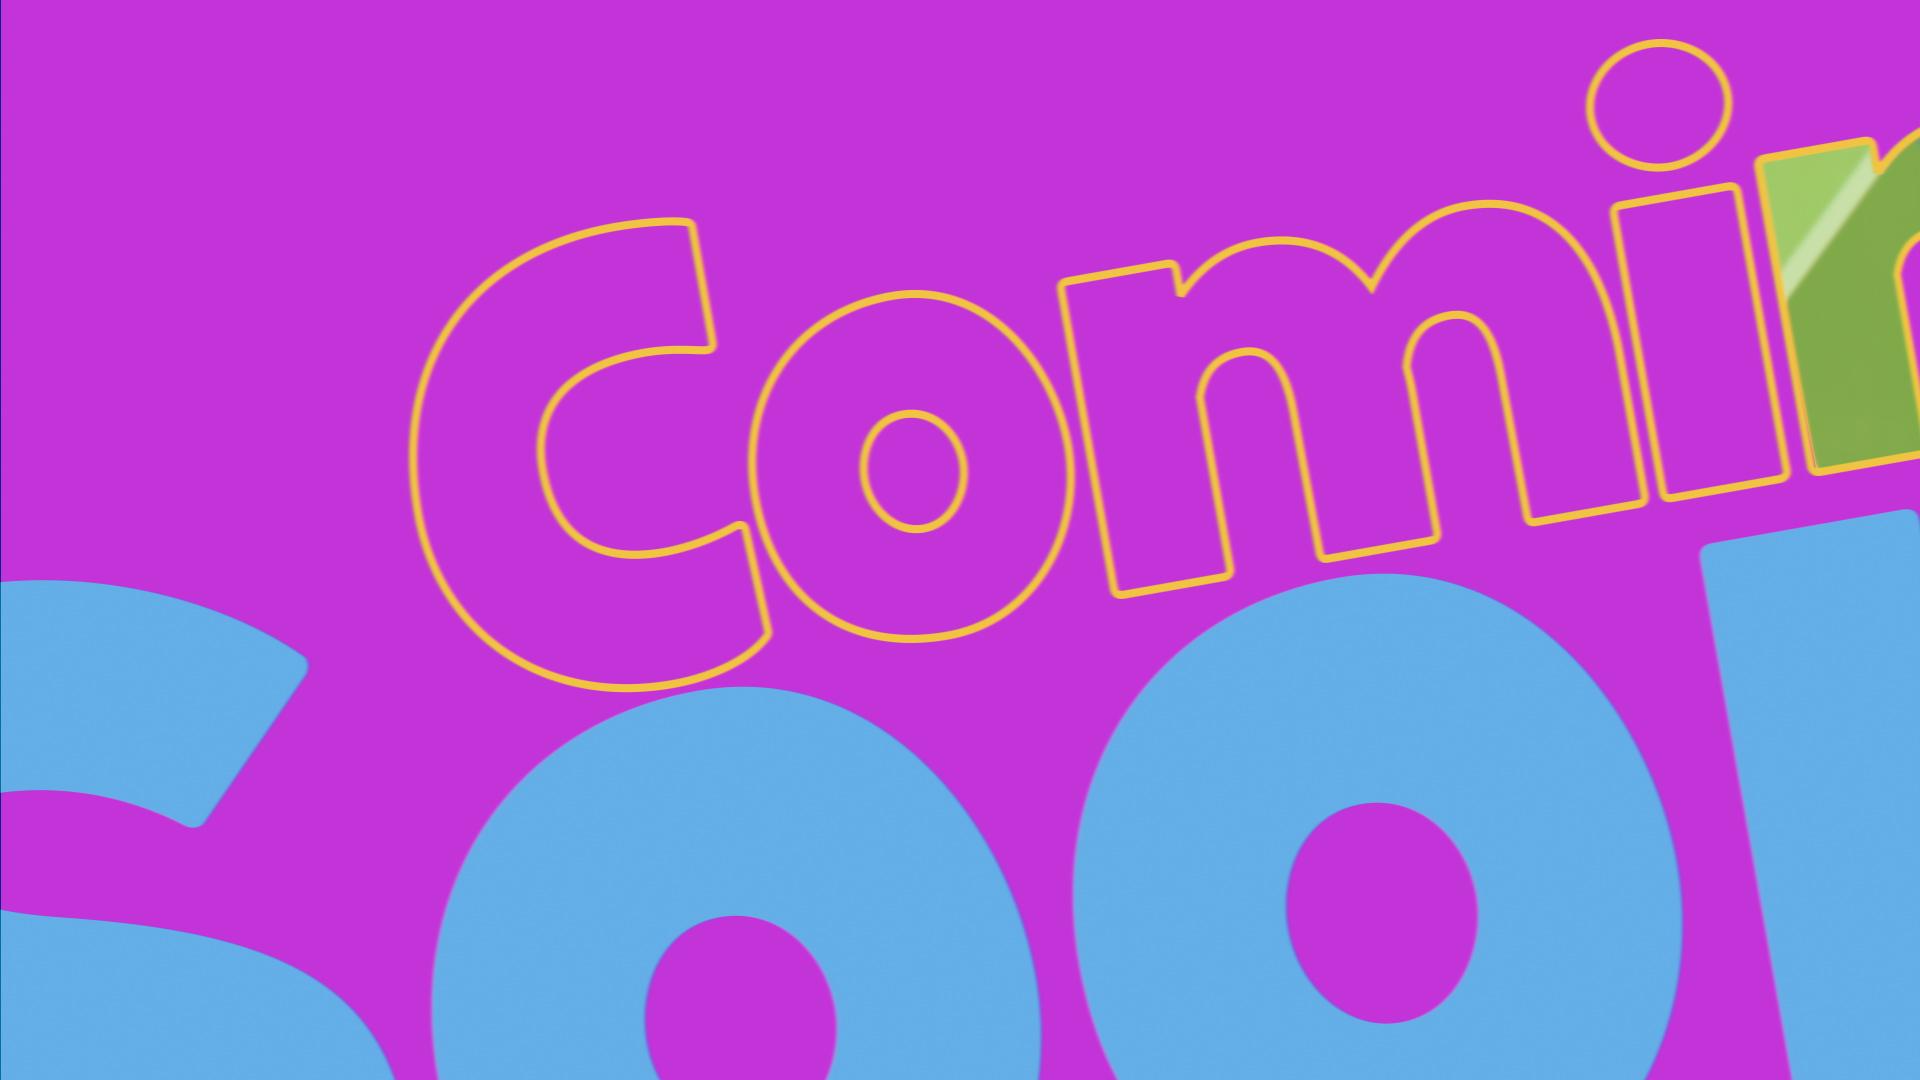 FRY_IN_ComingSoon_DJ_kk_04a (0-00-00-00).jpg